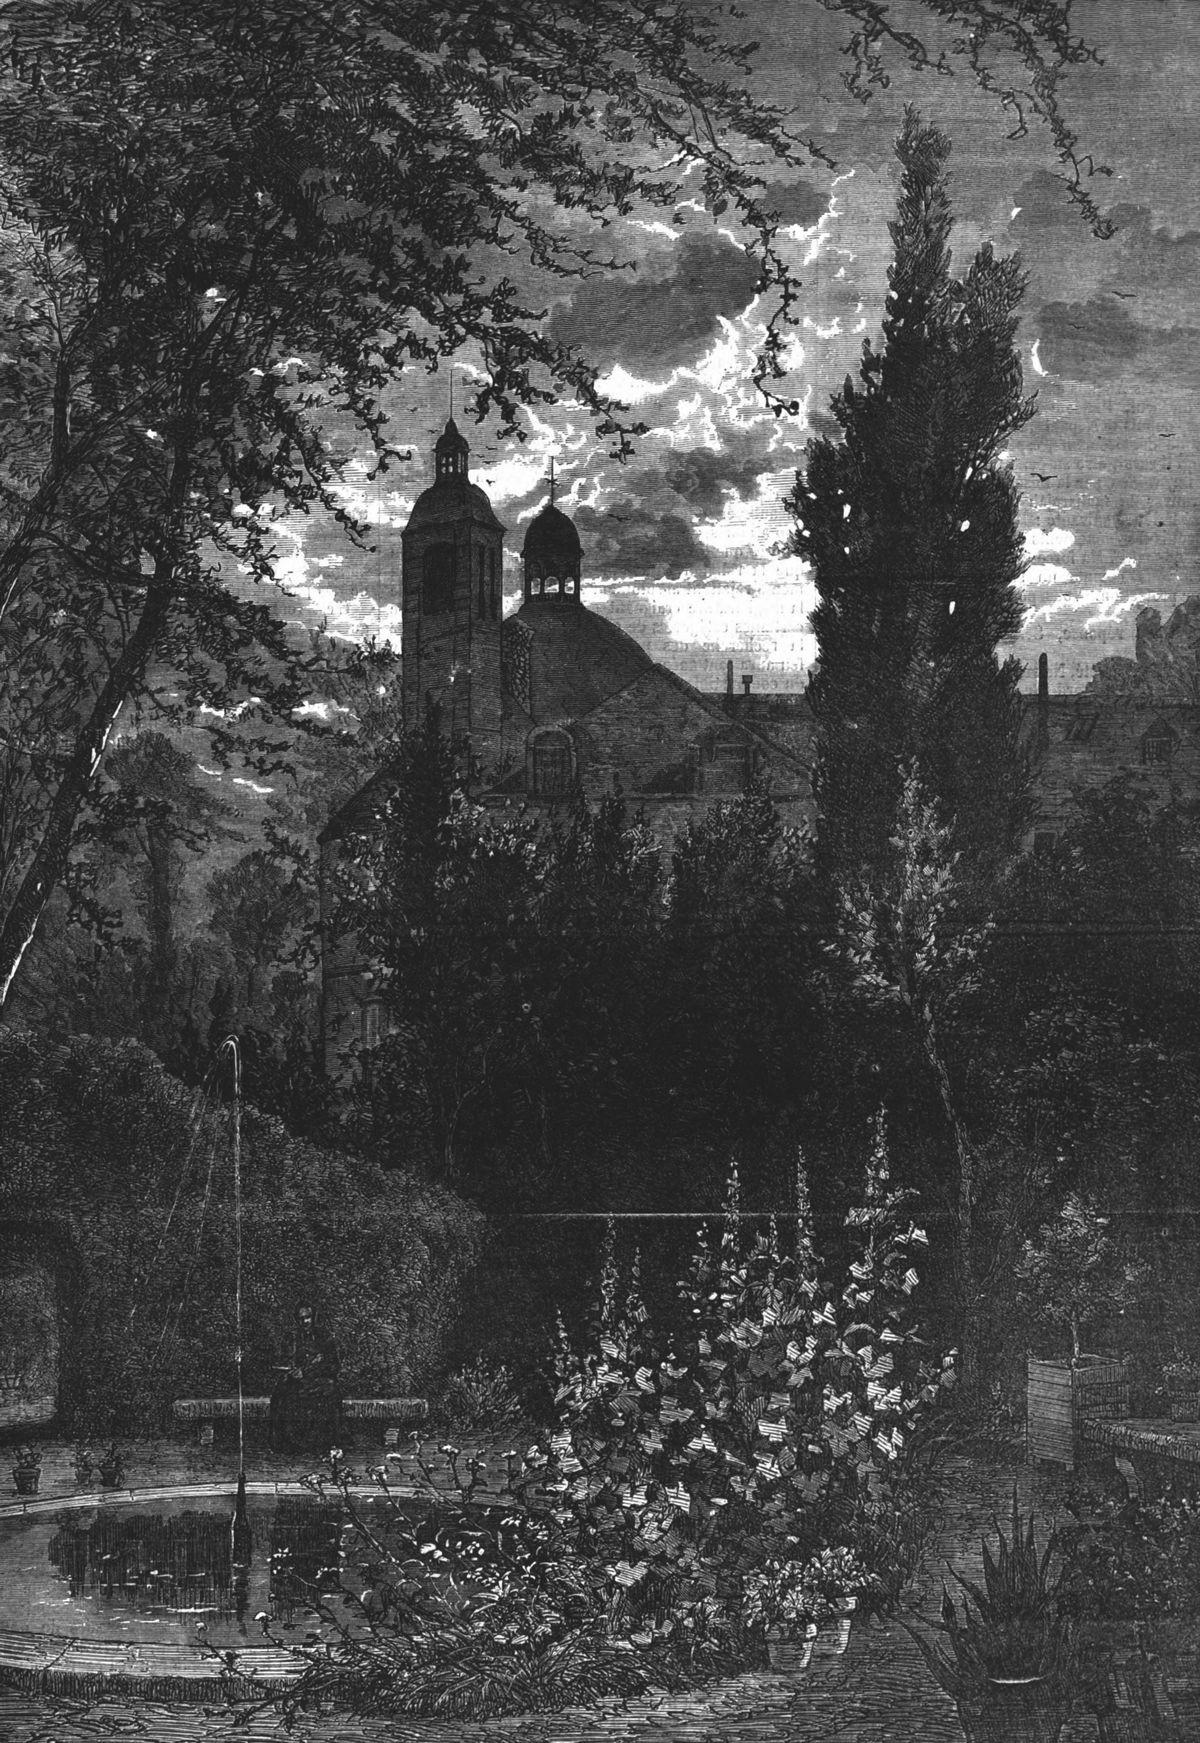 Les jardins particuliers de Paris : le jardin des Carmes. Gravure 1874